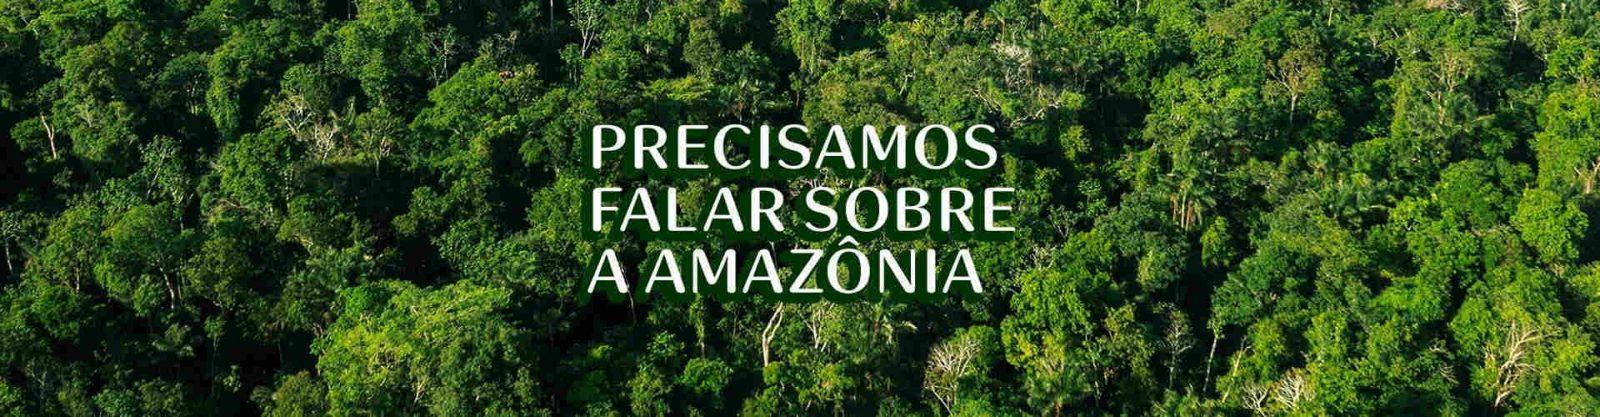 Natura Baixou Tudo Precisamos falar sobre Amazonia